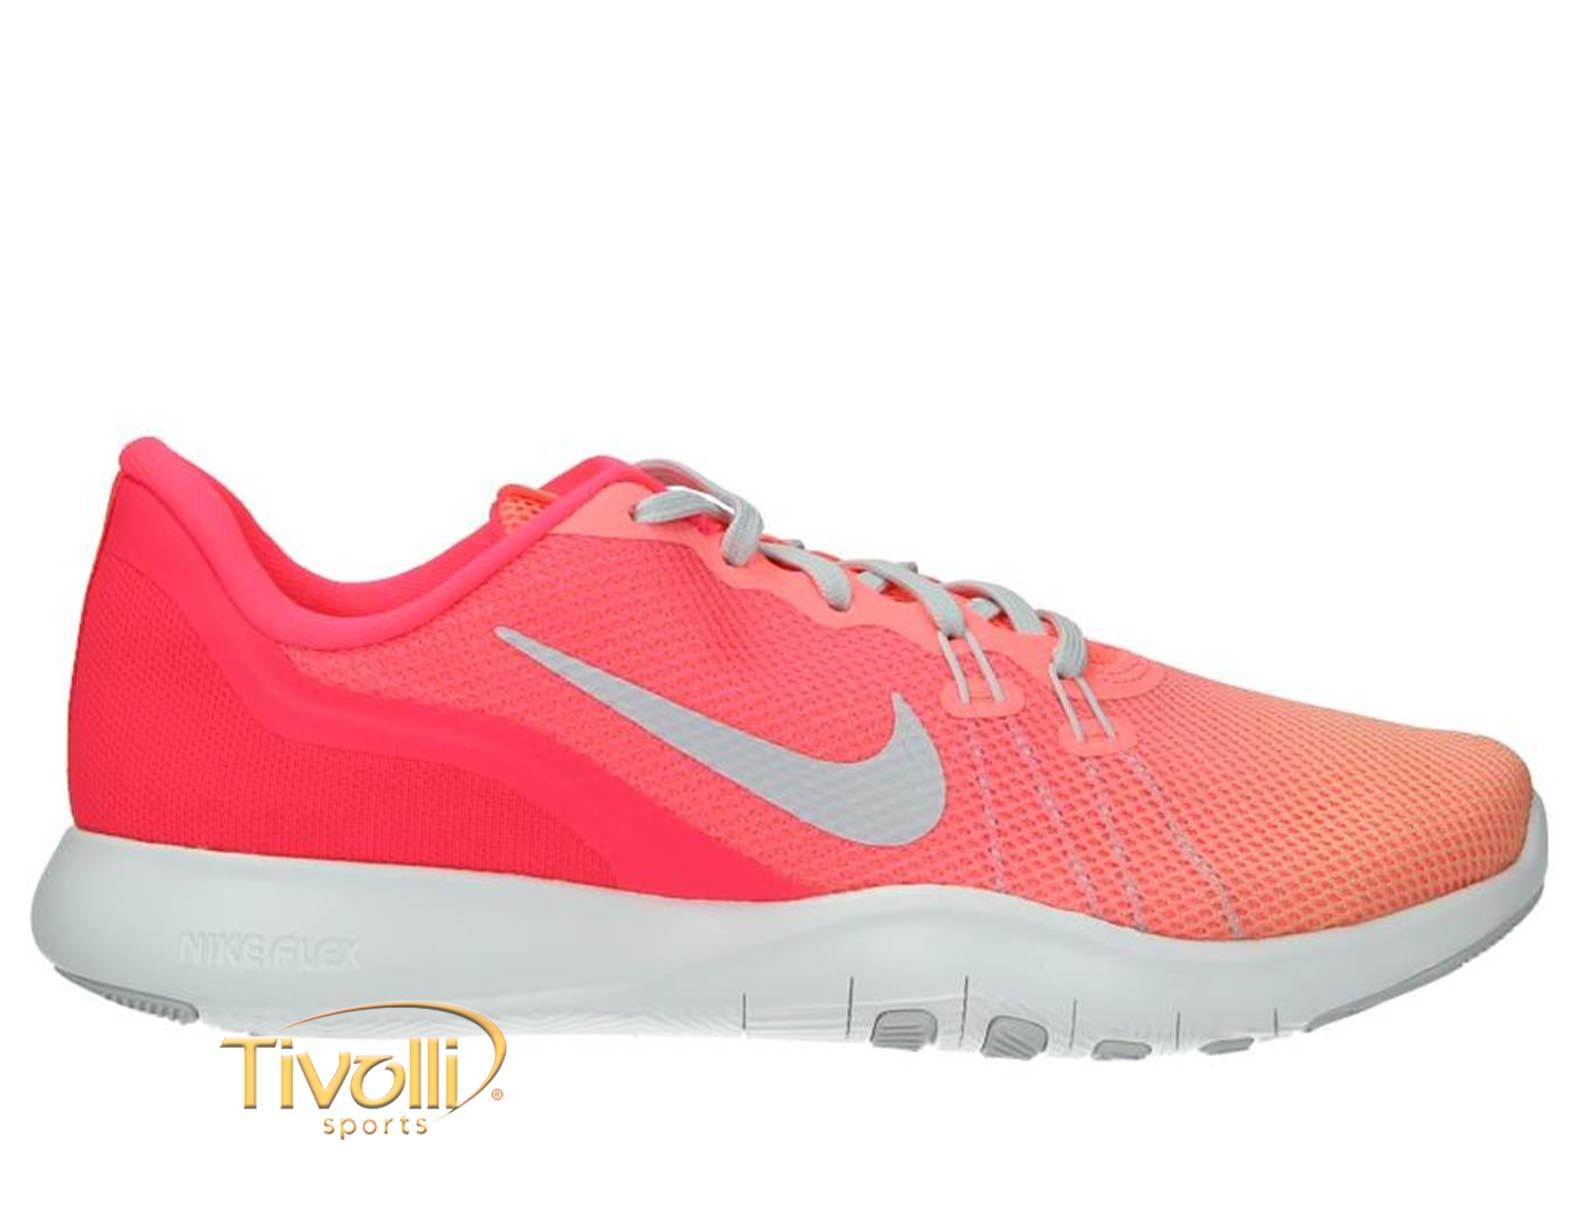 333dbb5d9 Tênis Nike W Flex Trainer 7 Fade   tam. 35 ao 38